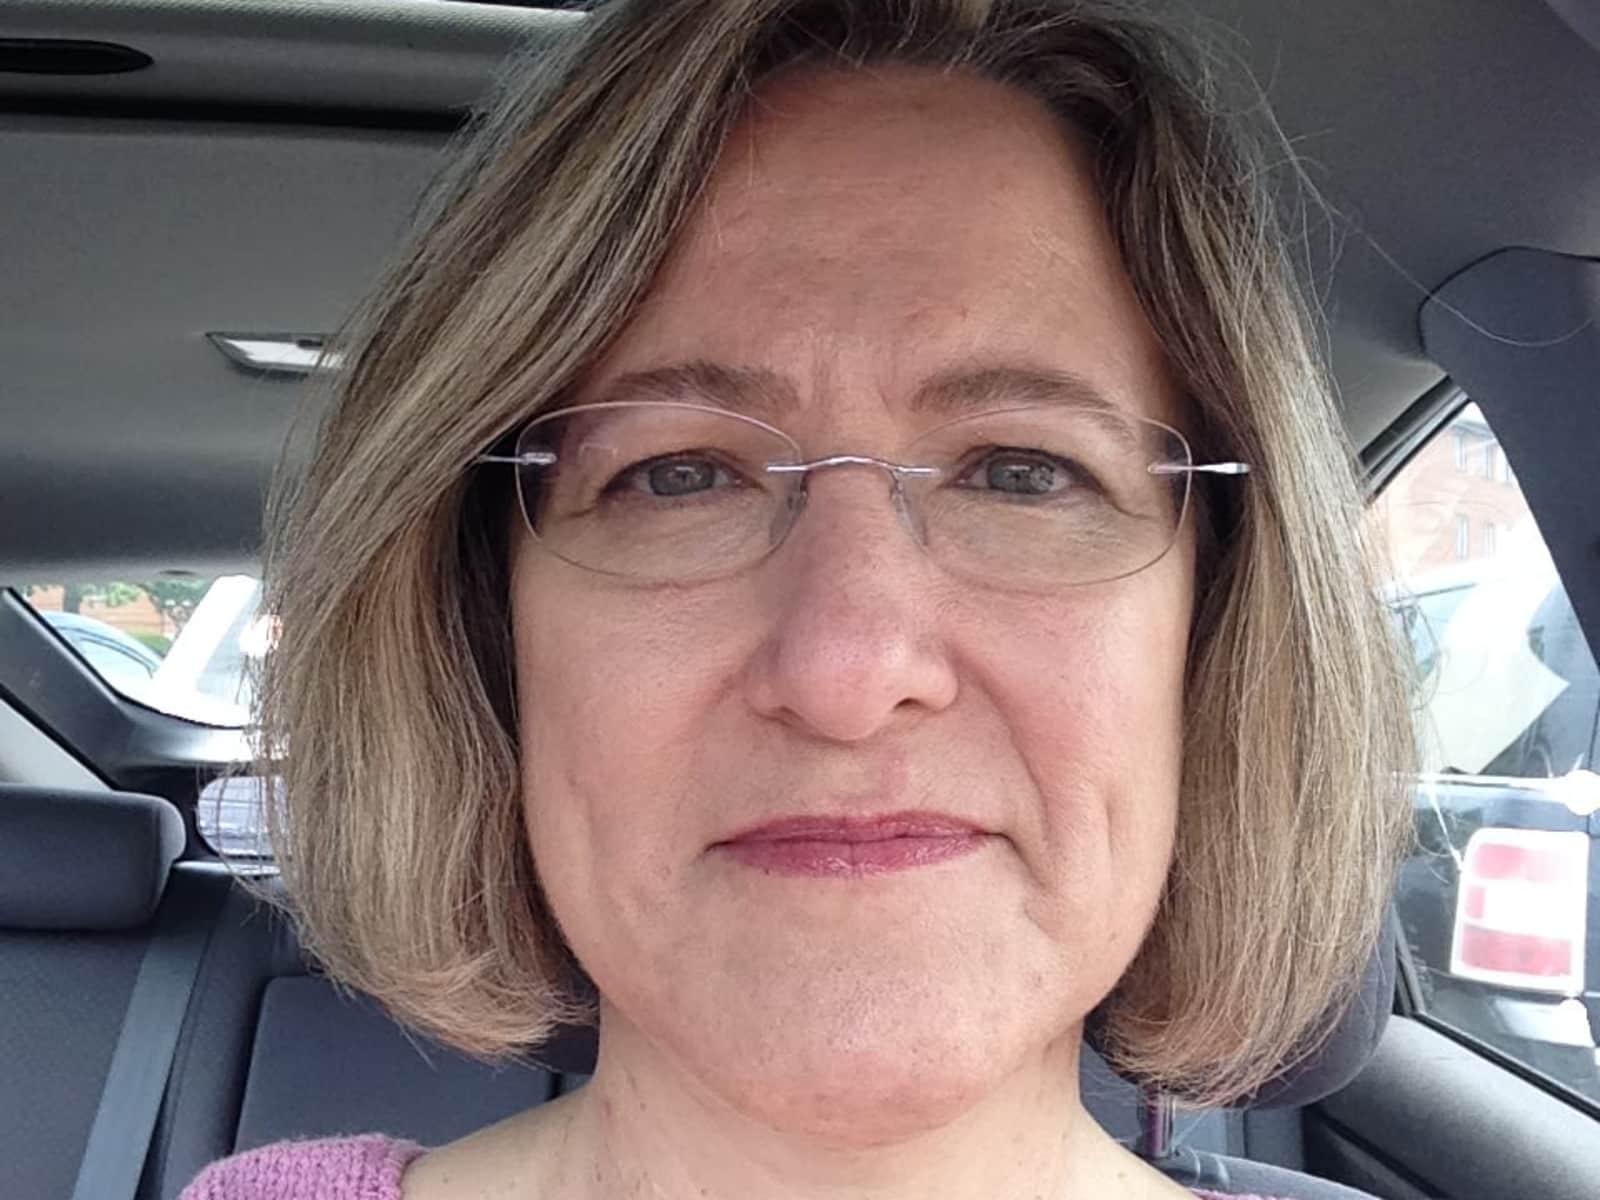 Elizabeth from Takoma Park, Maryland, United States